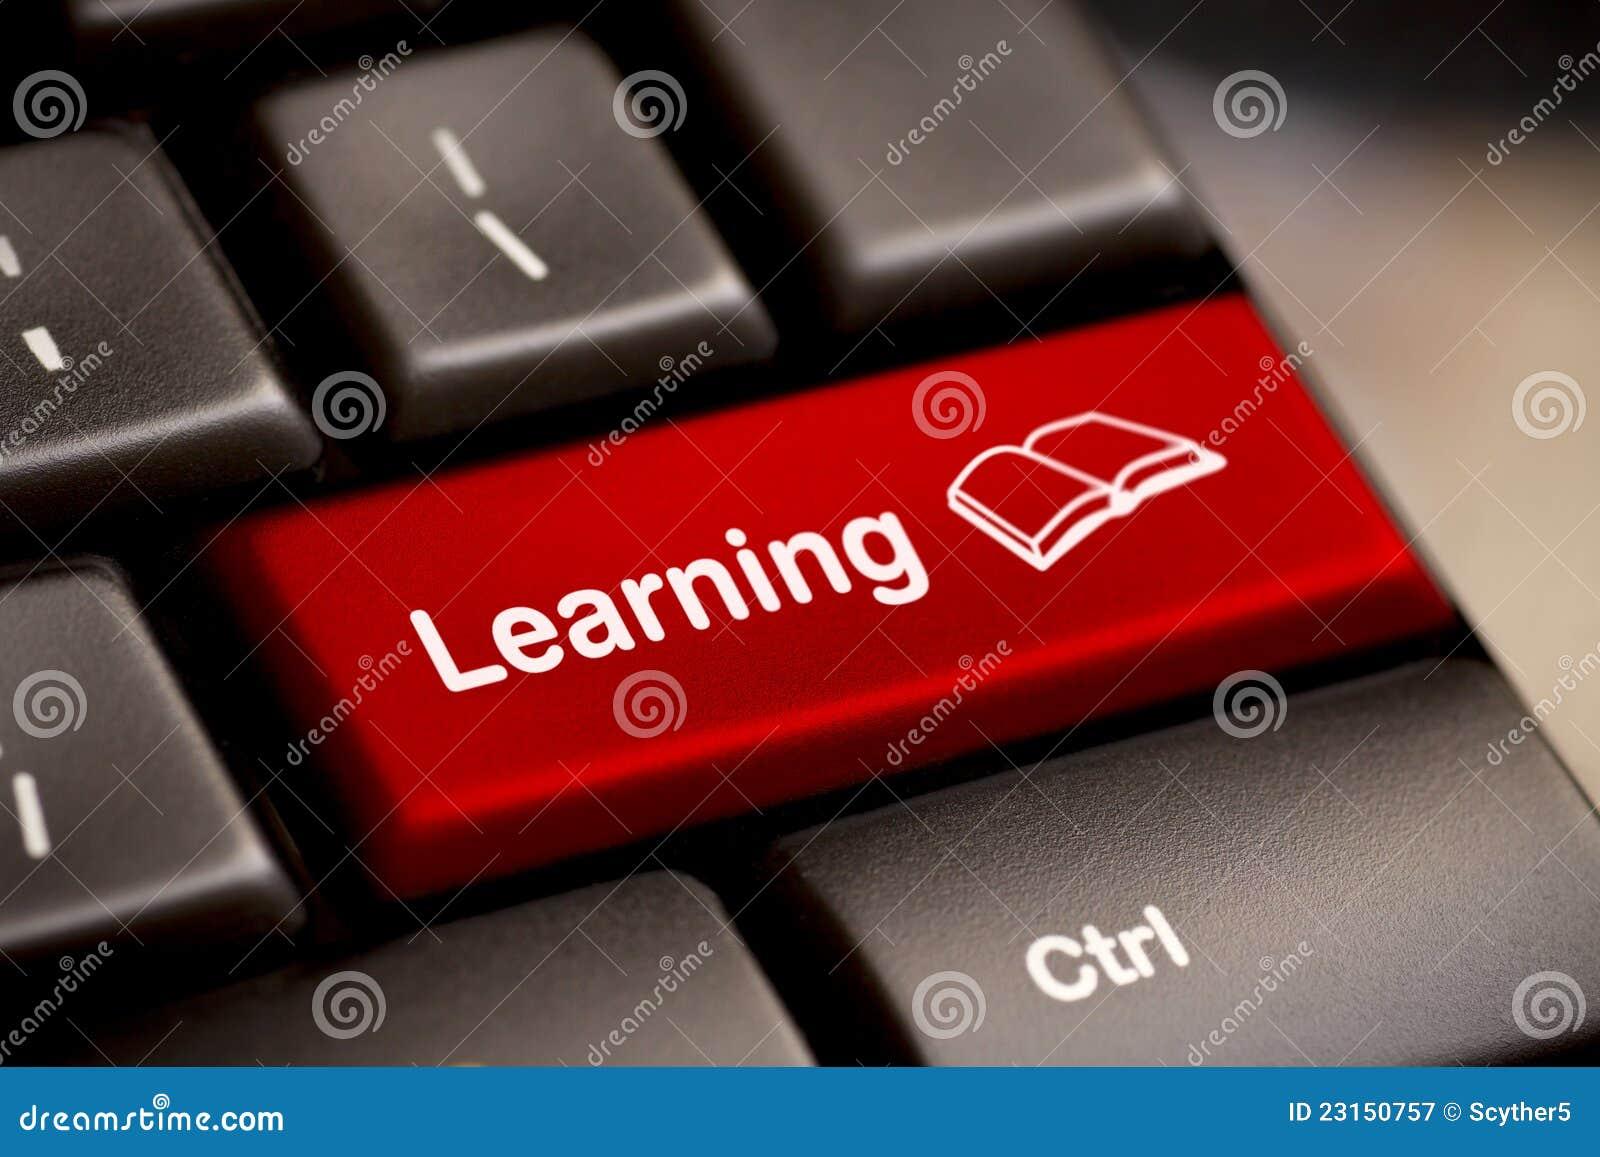 Conceito do ensino electrónico. Teclado de computador